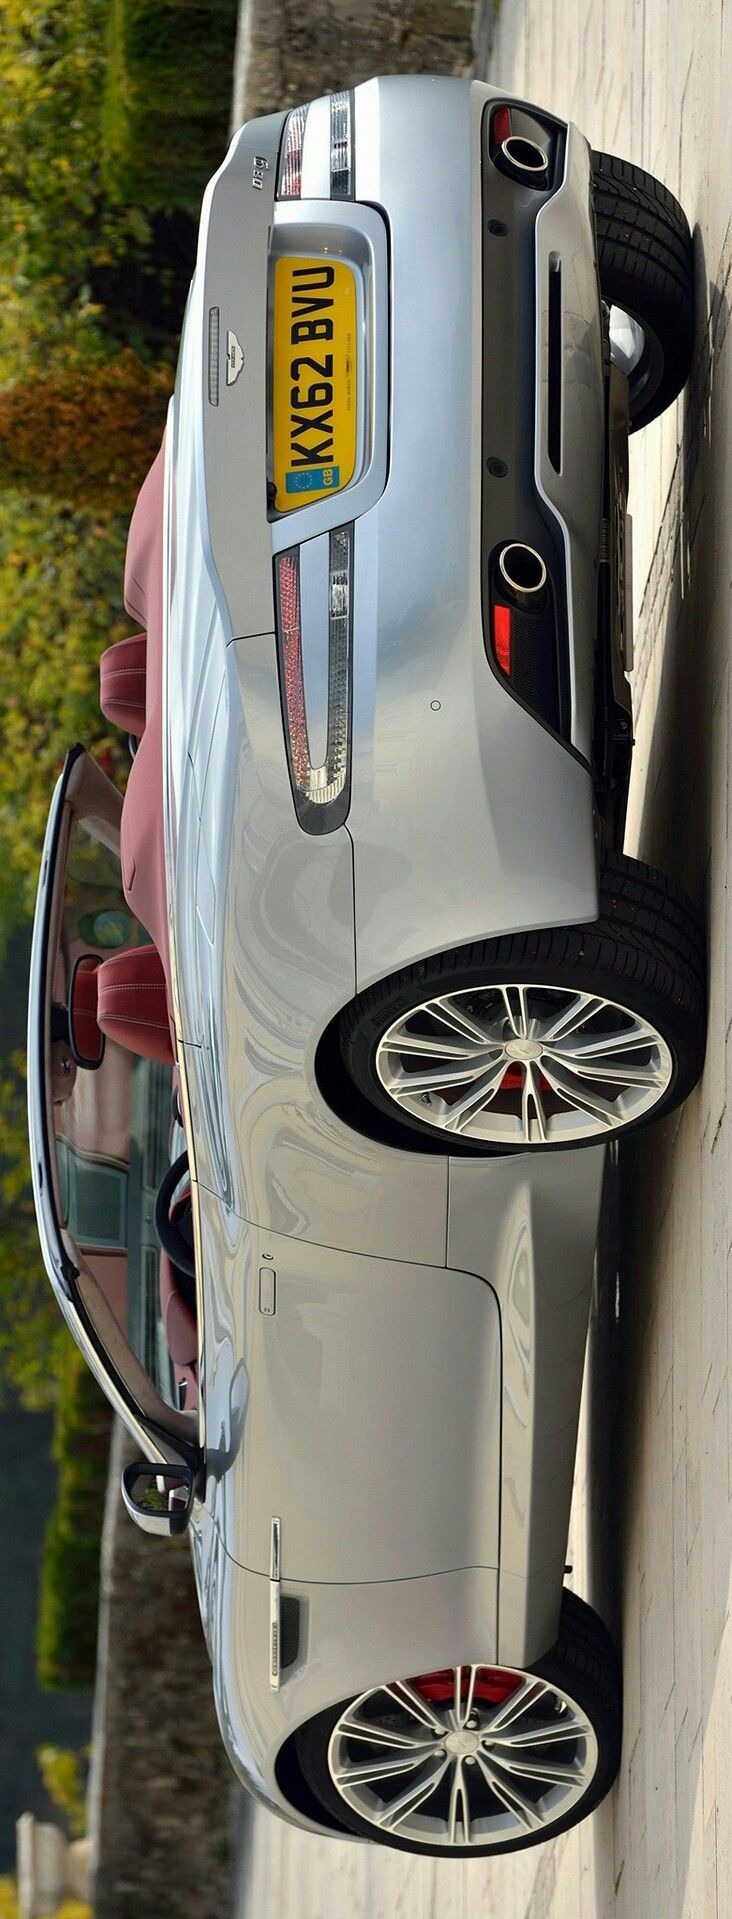 Aston Martin DB9 Volante by Levon - https://www.luxury.guugles.com/aston-martin-db9-volante-by-levon/